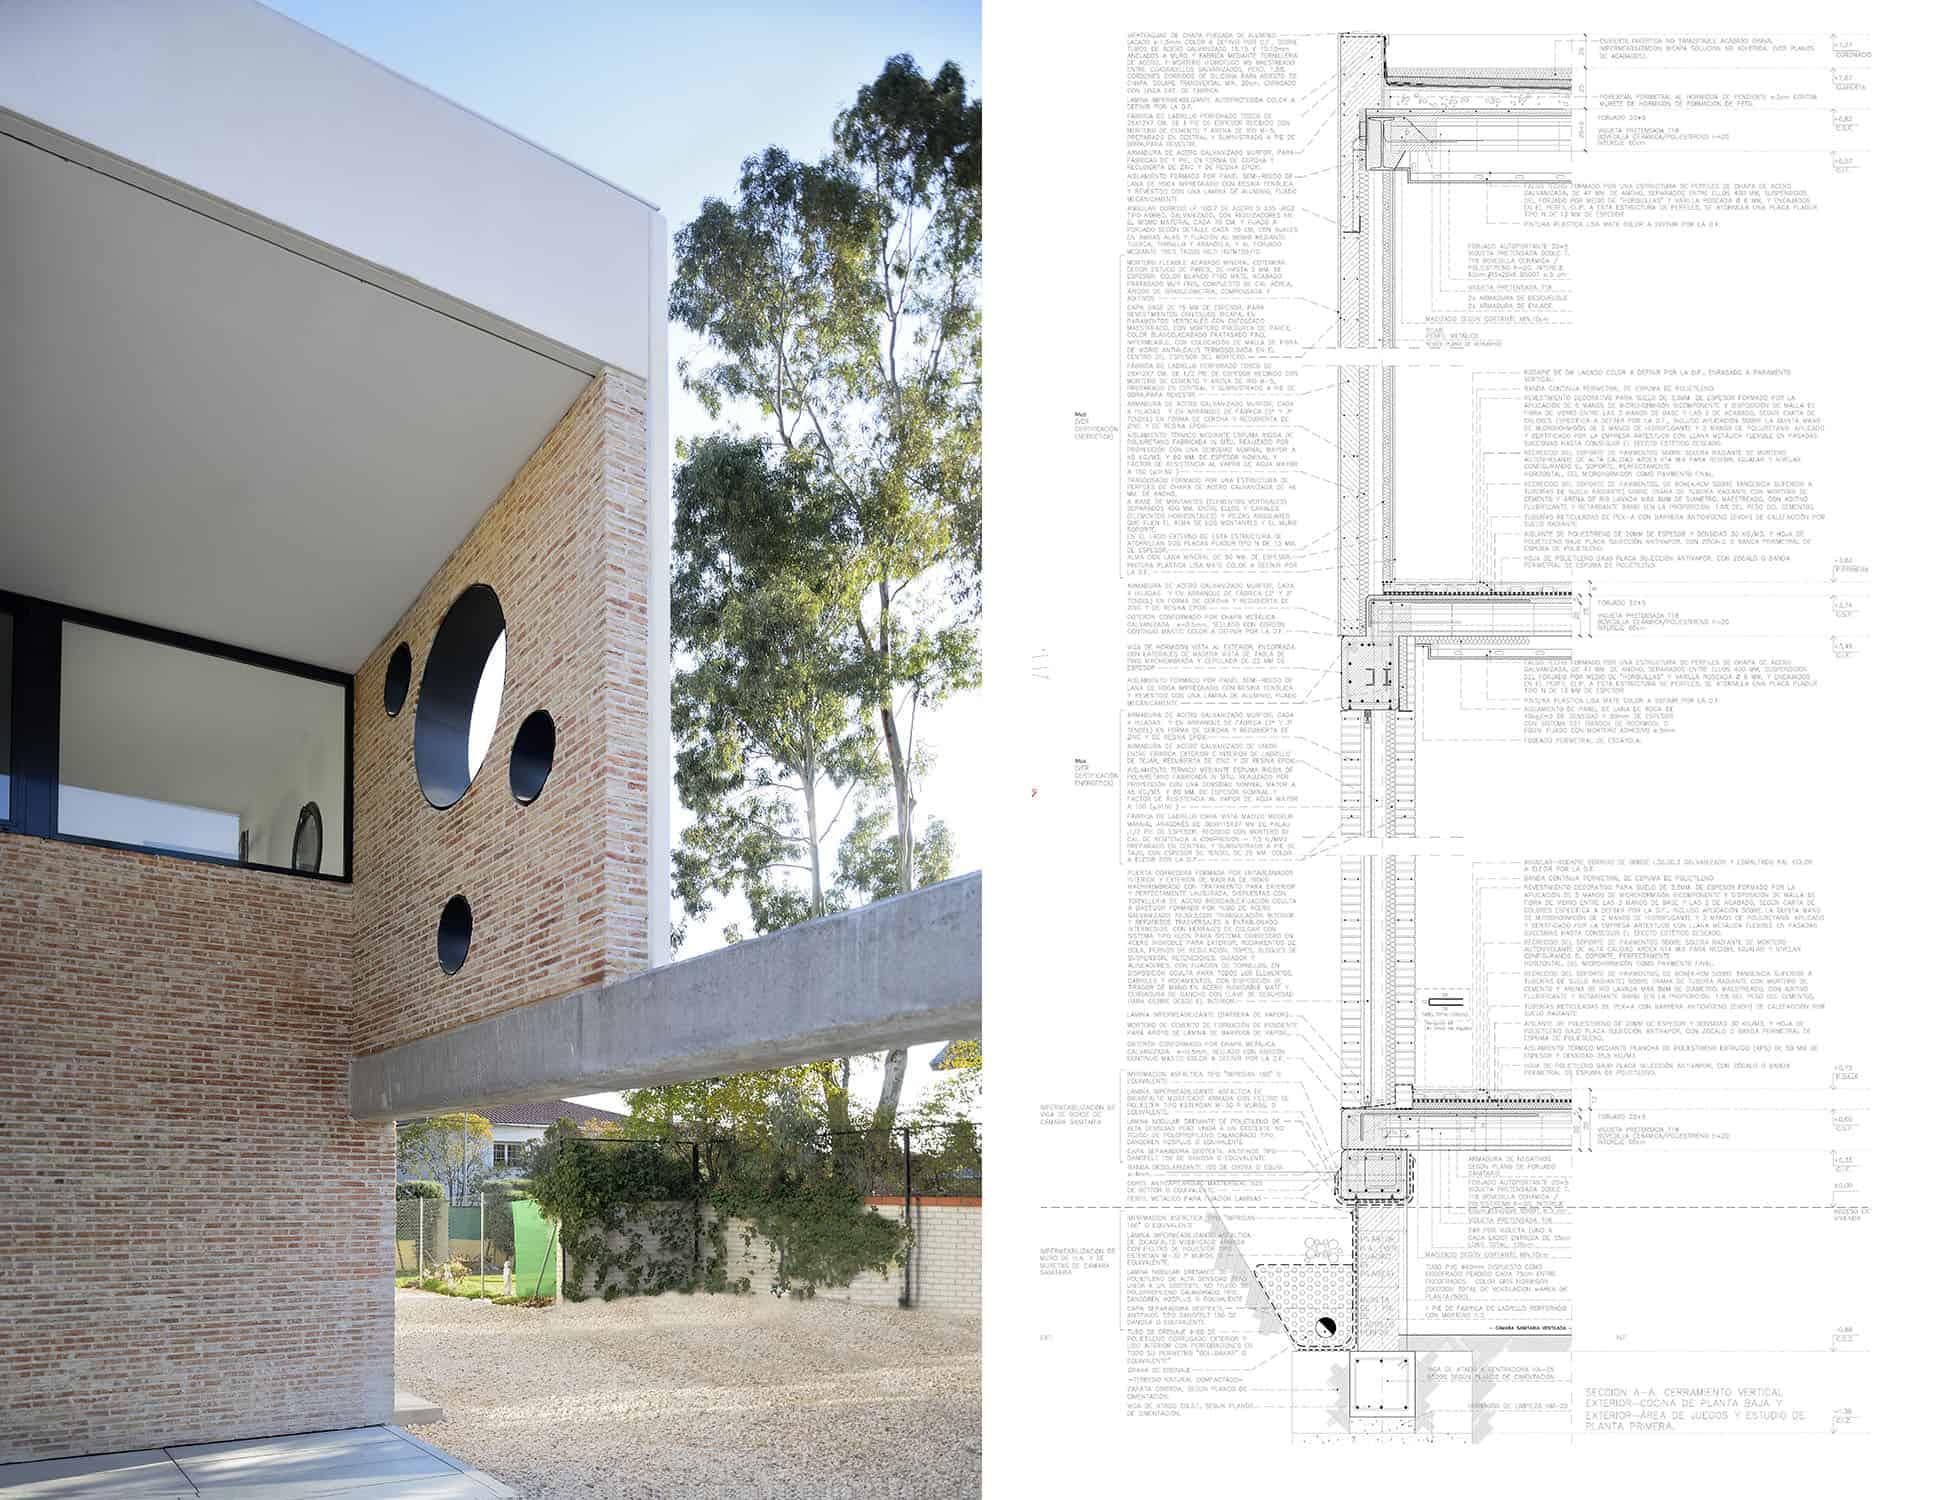 CASA_IA - detalle constructivo: prefabricado de hormigón y fábrica armada - LANDINEZ+REY | equipo L2G arquitectos, slp [ eL2Gaa ]